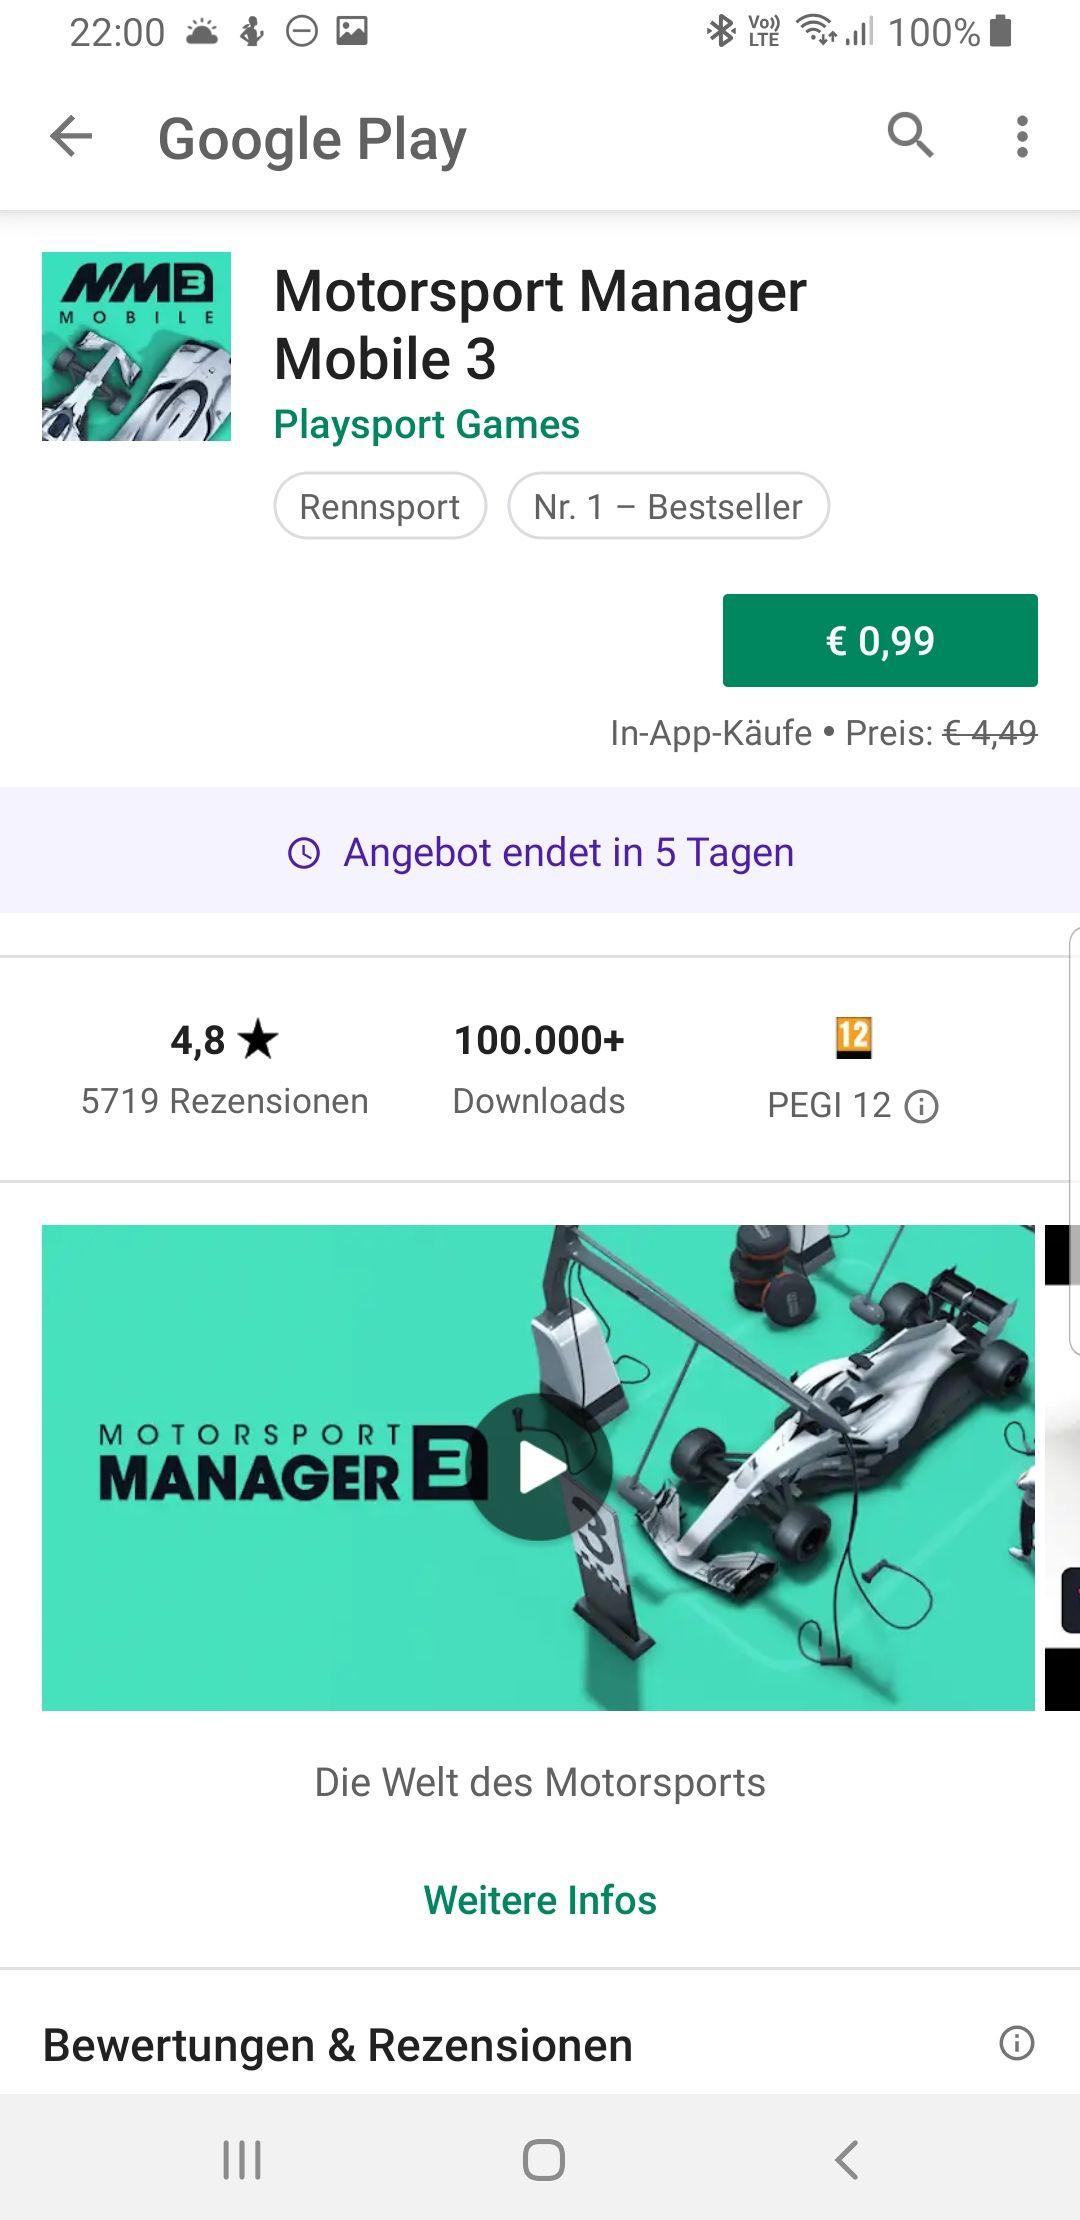 Motorsport Manager 3 für 0.99€ (Android)